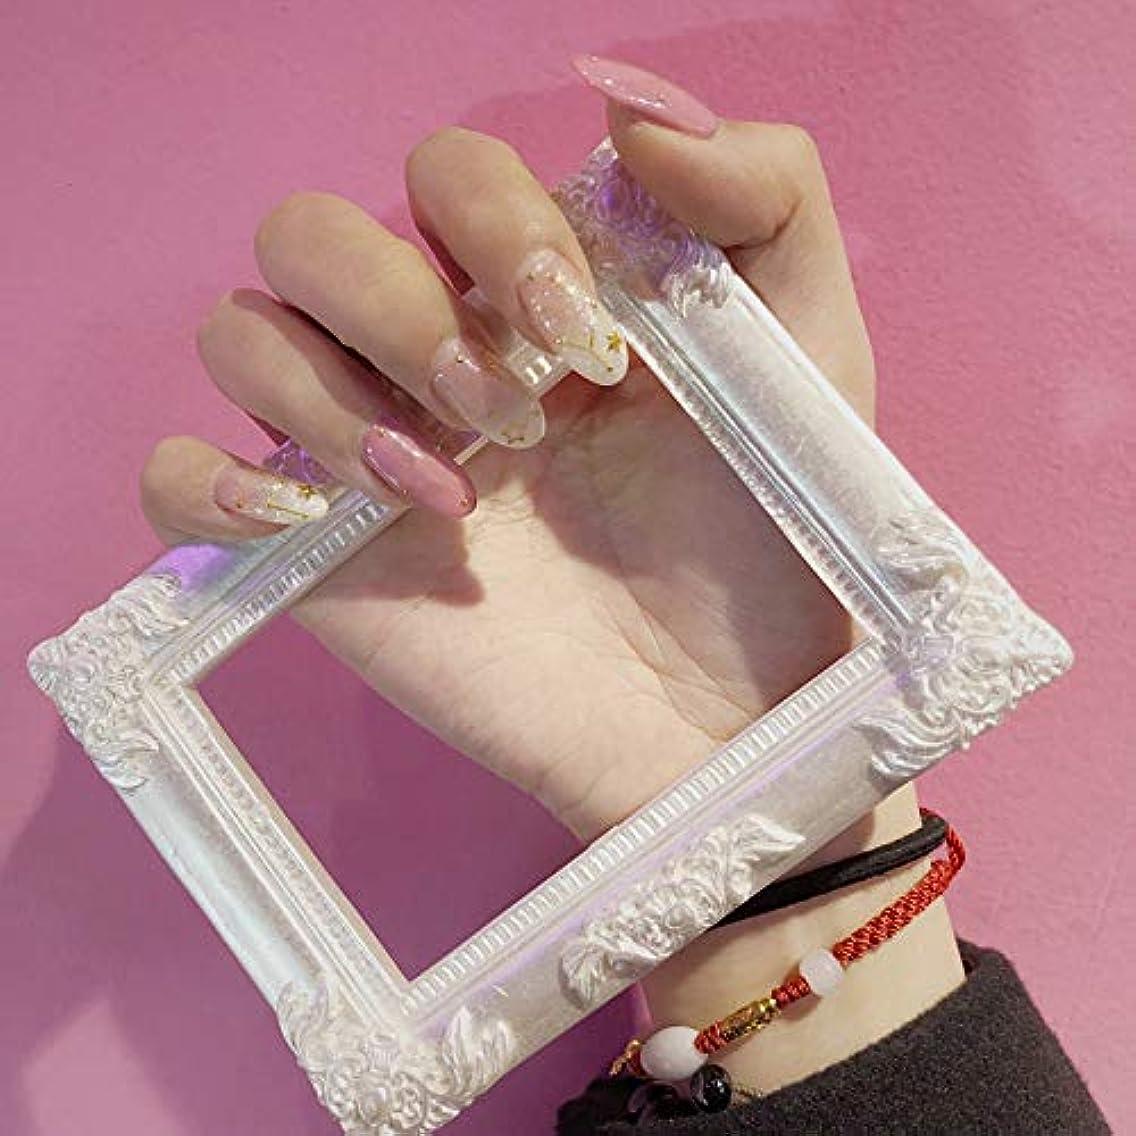 リマーク有効な生きている24Pcs 美しい女の子 ネイルアート ins流行 手作りネイルチップ 暈し染め 可愛い優雅ネイル